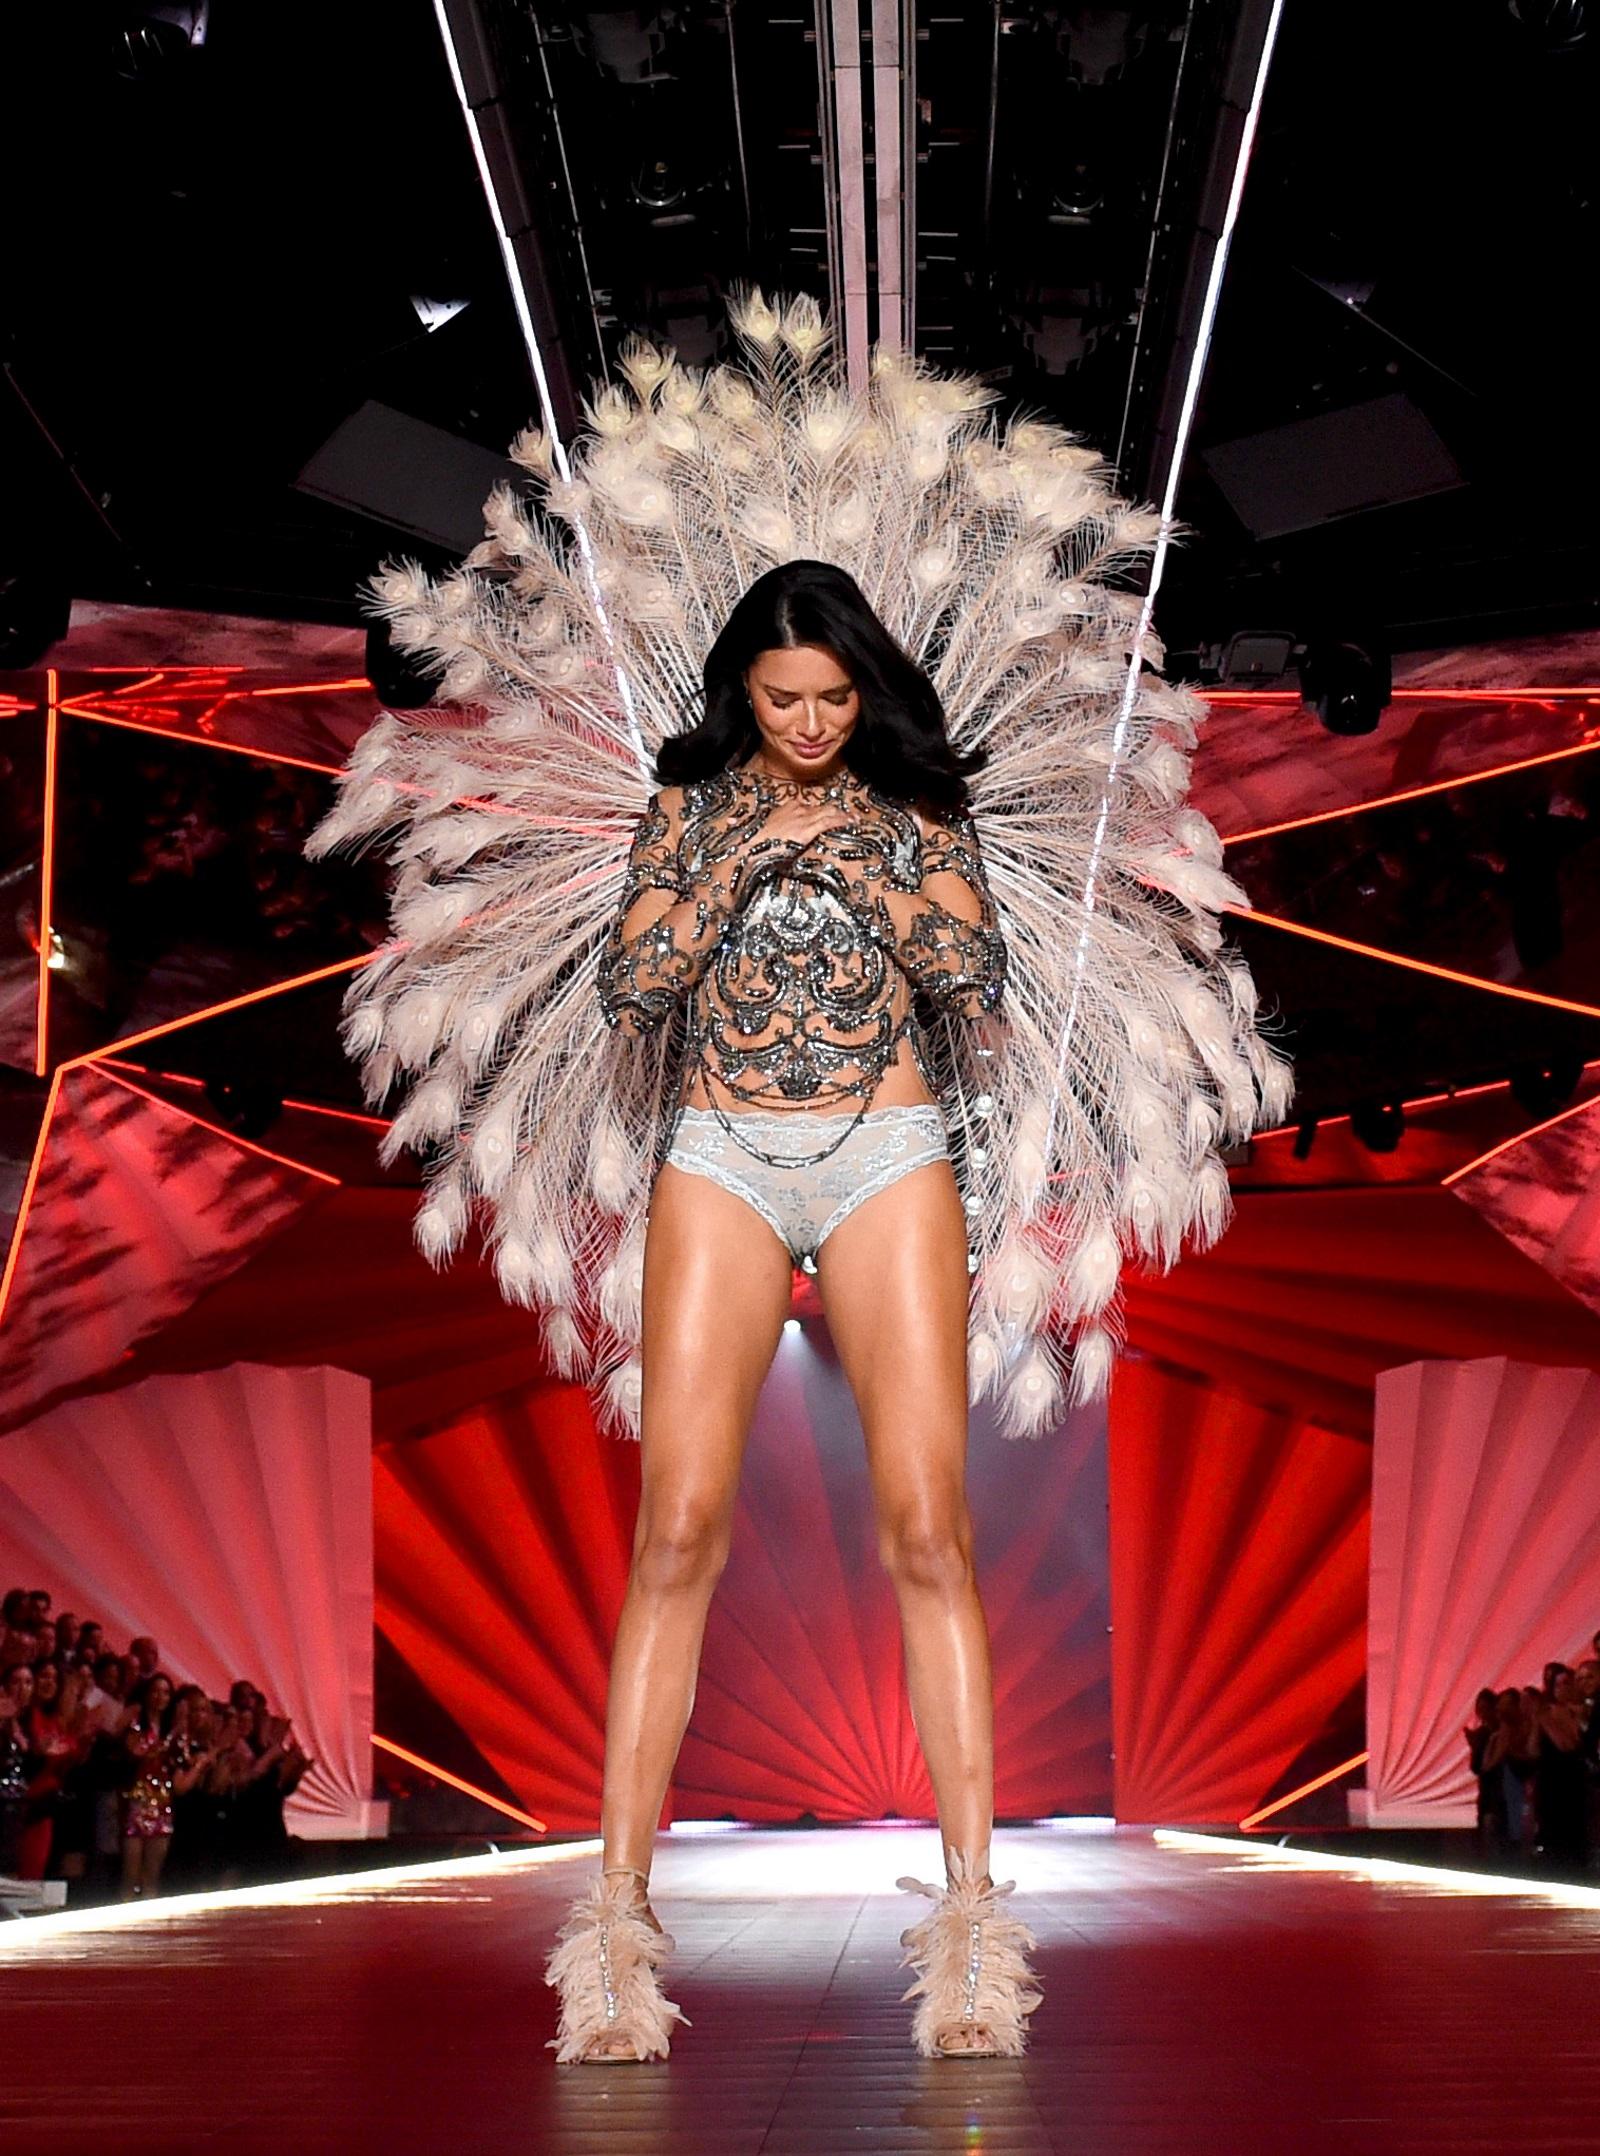 След 20 години и 18 зрелищни ревюта бразилският модел се оттегля от шоуто на Victoria's Secret. Вижте някои от най-добрите ѝ моменти през годините.